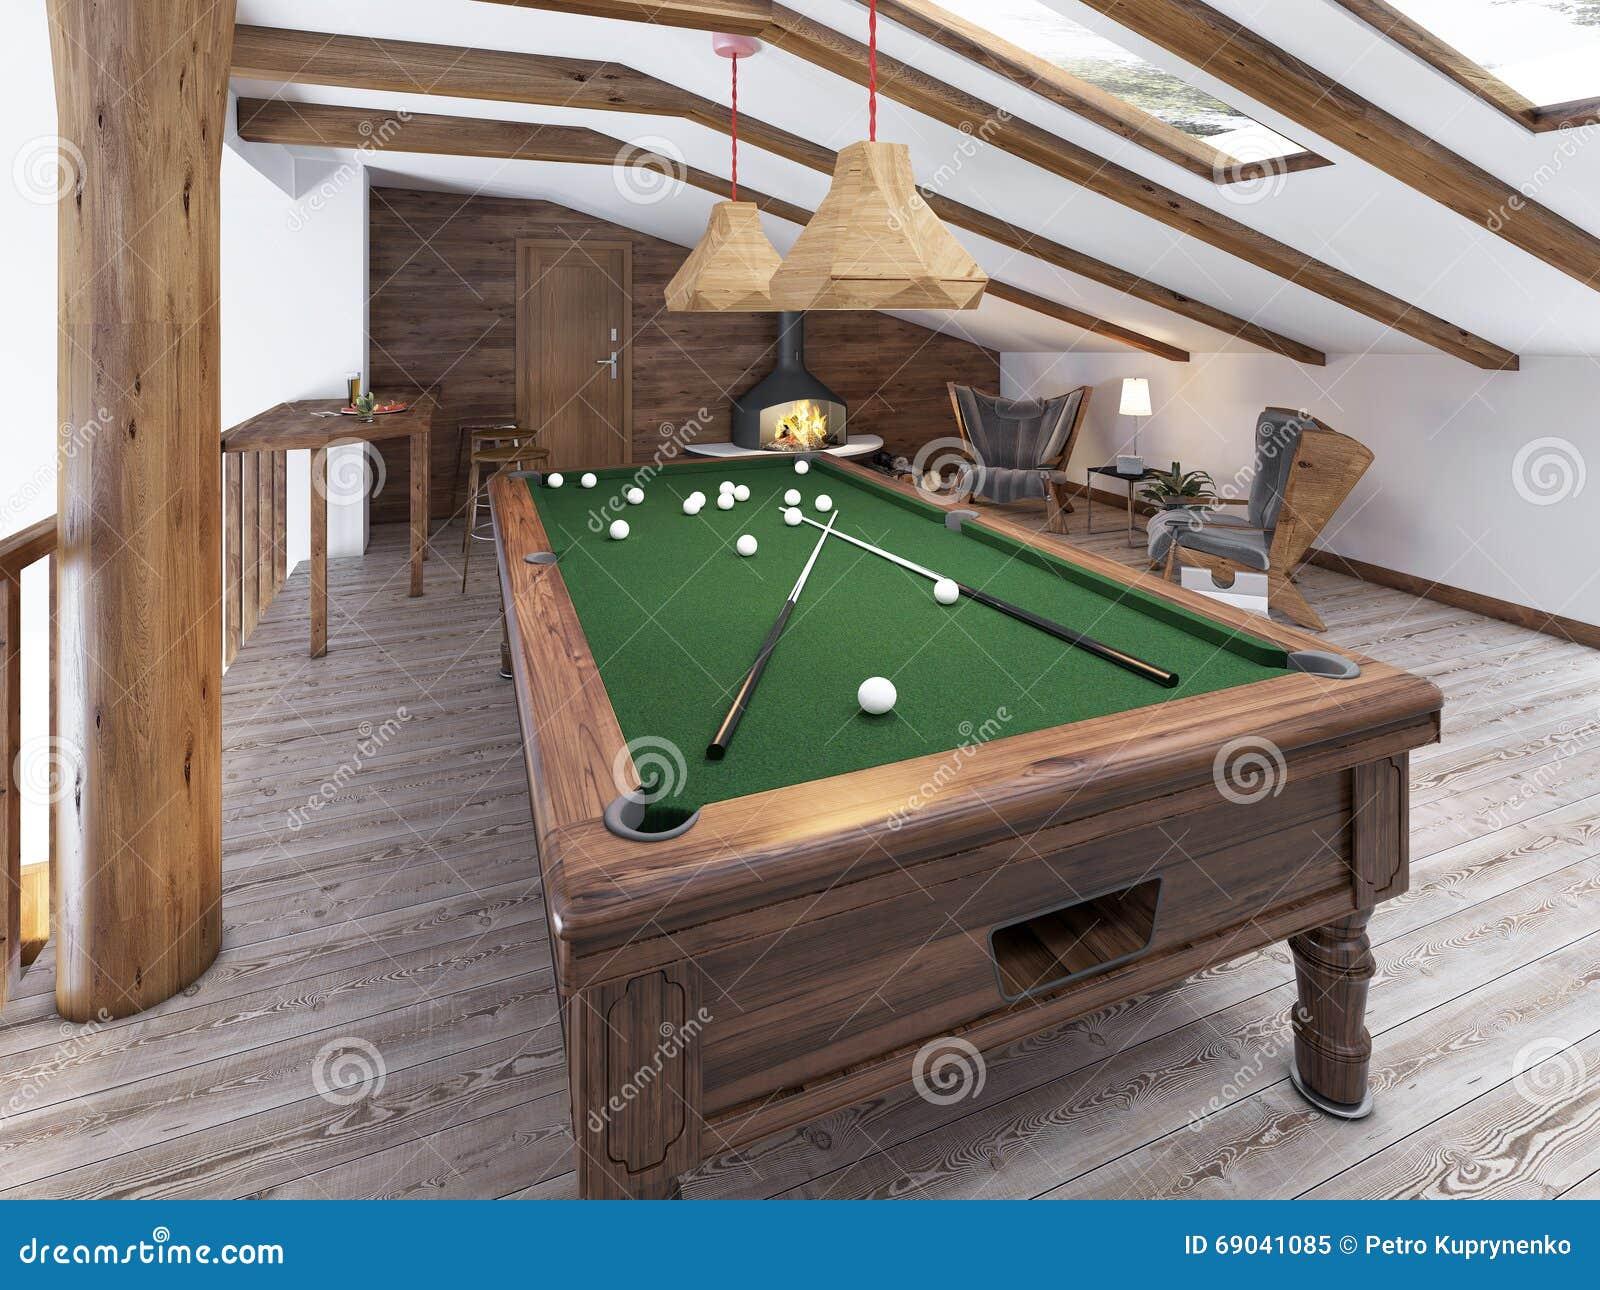 pice de billard dans le grenier avec le coin salon et la chemine